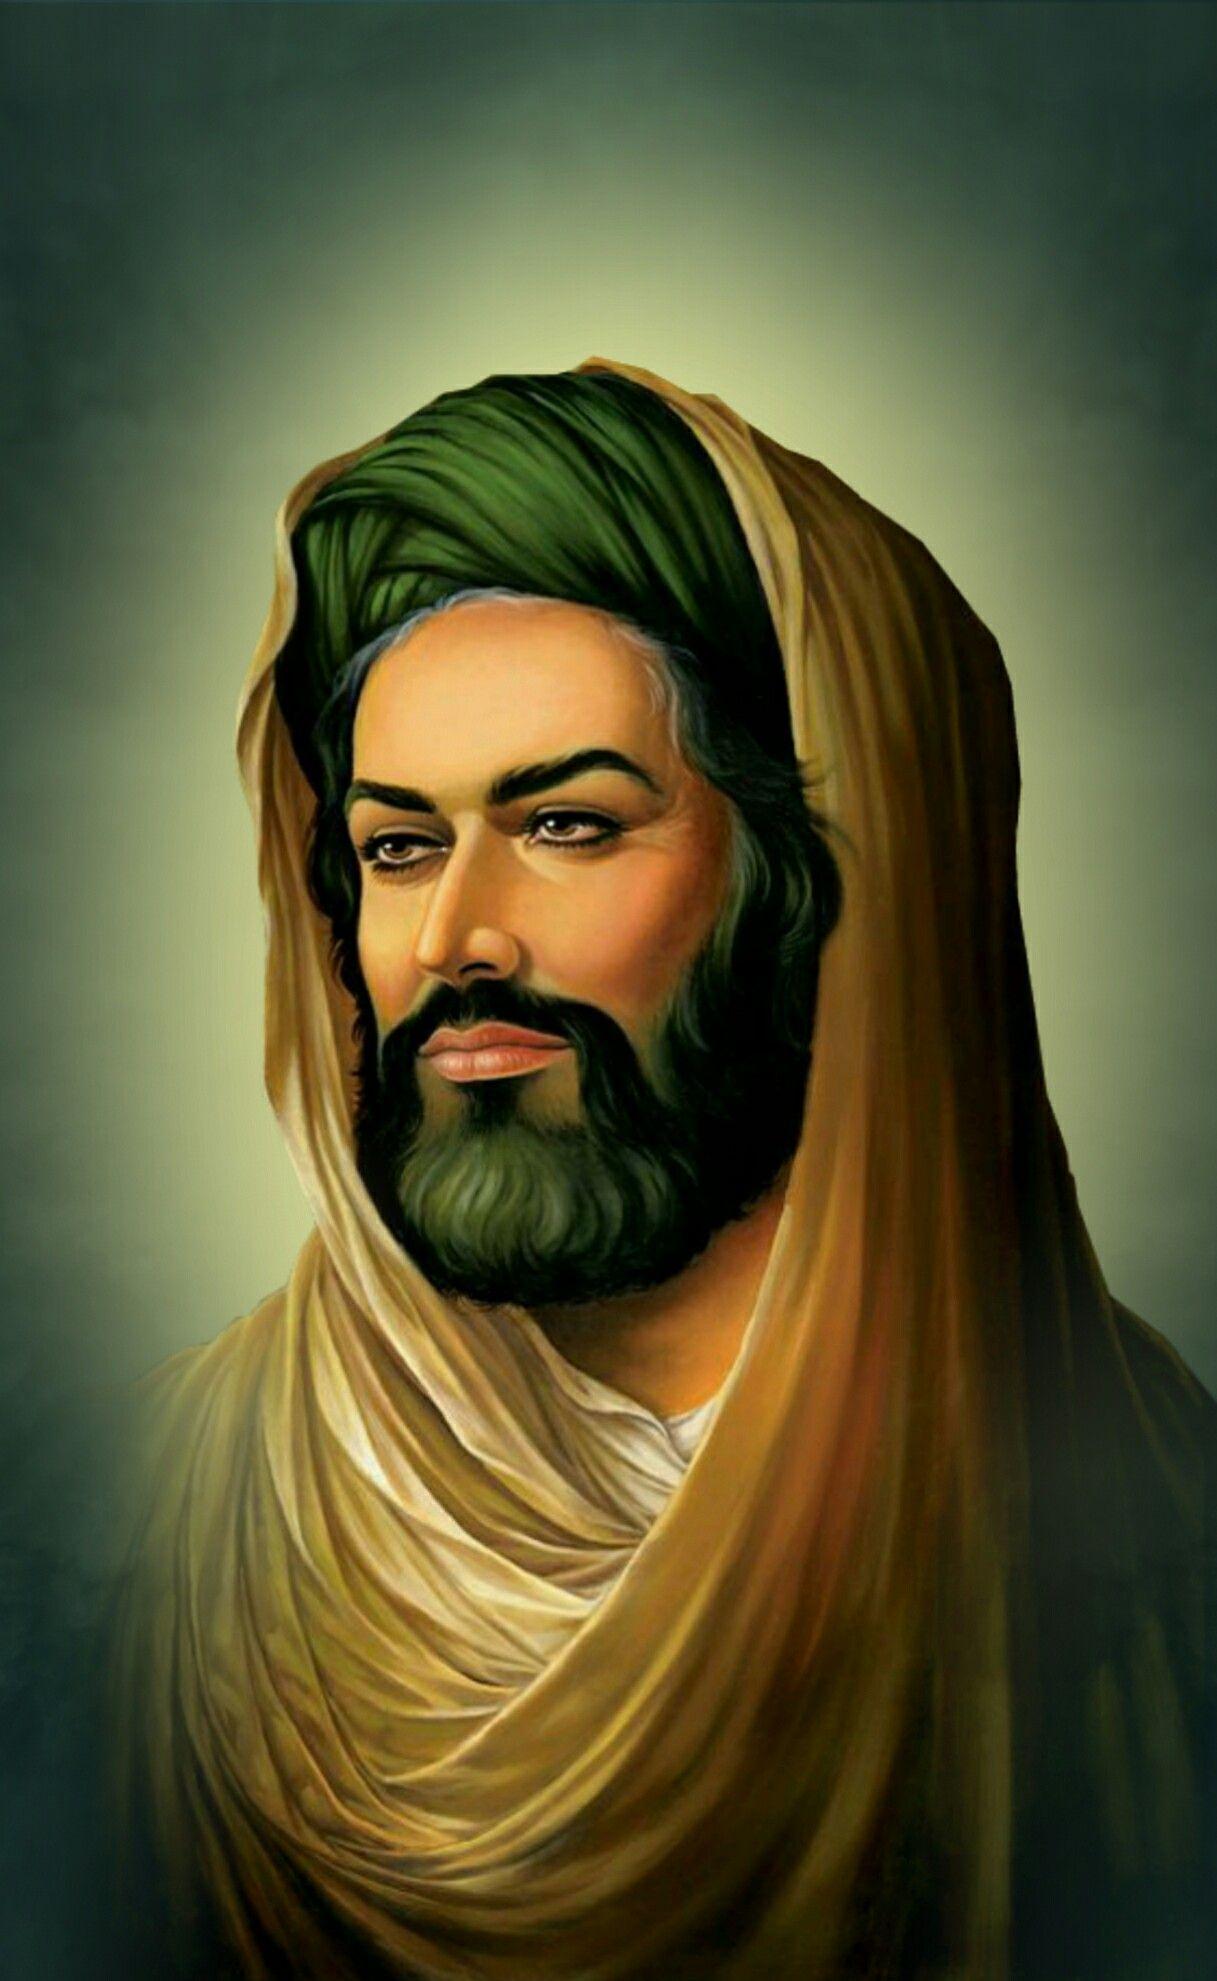 картинки про пророка мухаммеда них либо